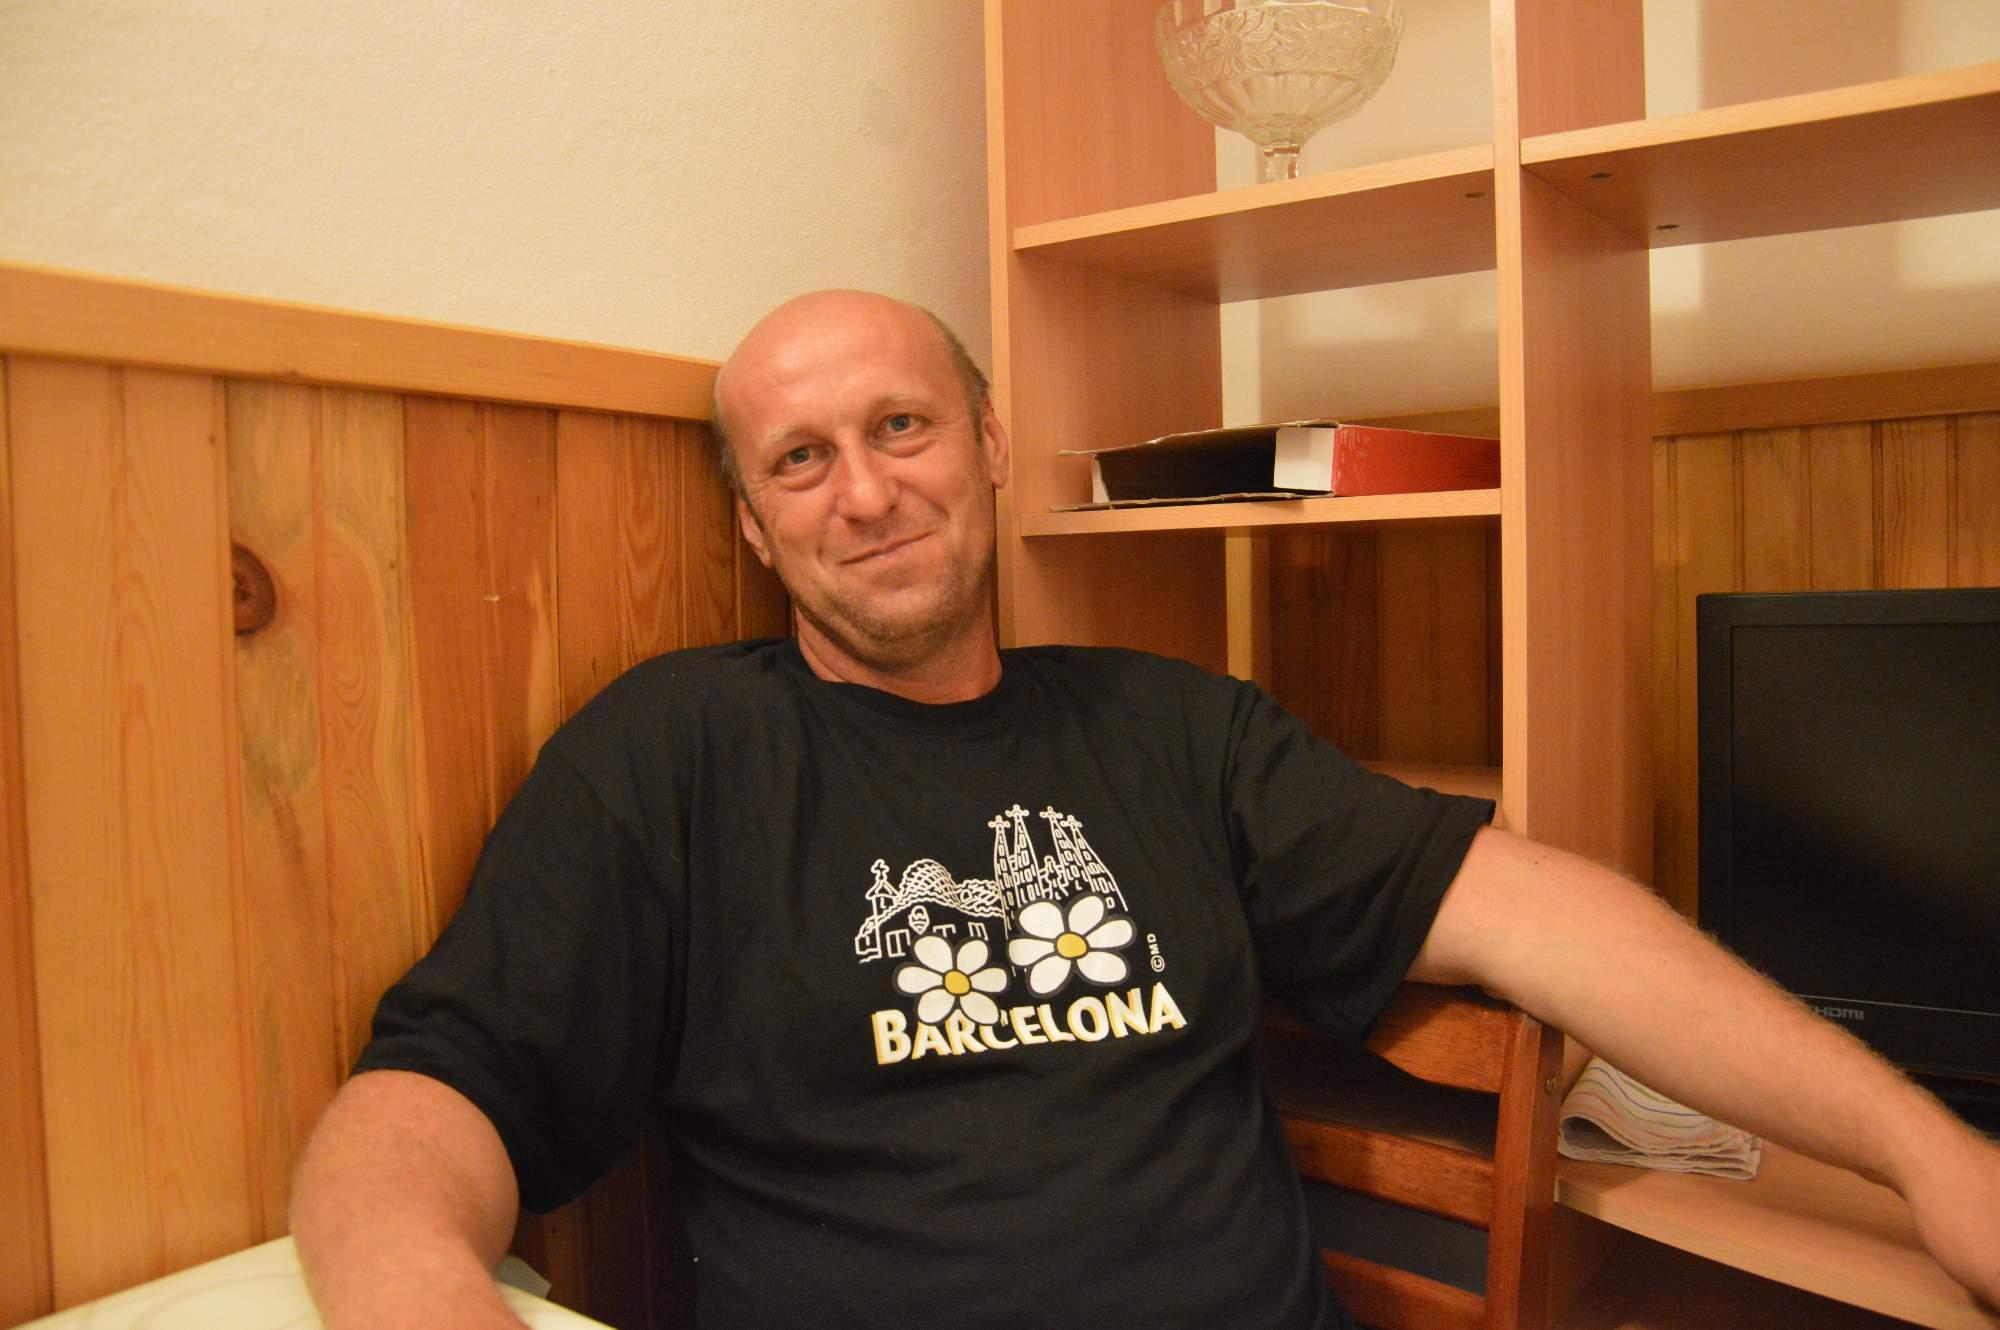 http://img19.rajce.idnes.cz/d1902/11/11369/11369498_ba1b1cc51aa2b100ecd01c05fe1b9075/images/DSC_0819.jpg